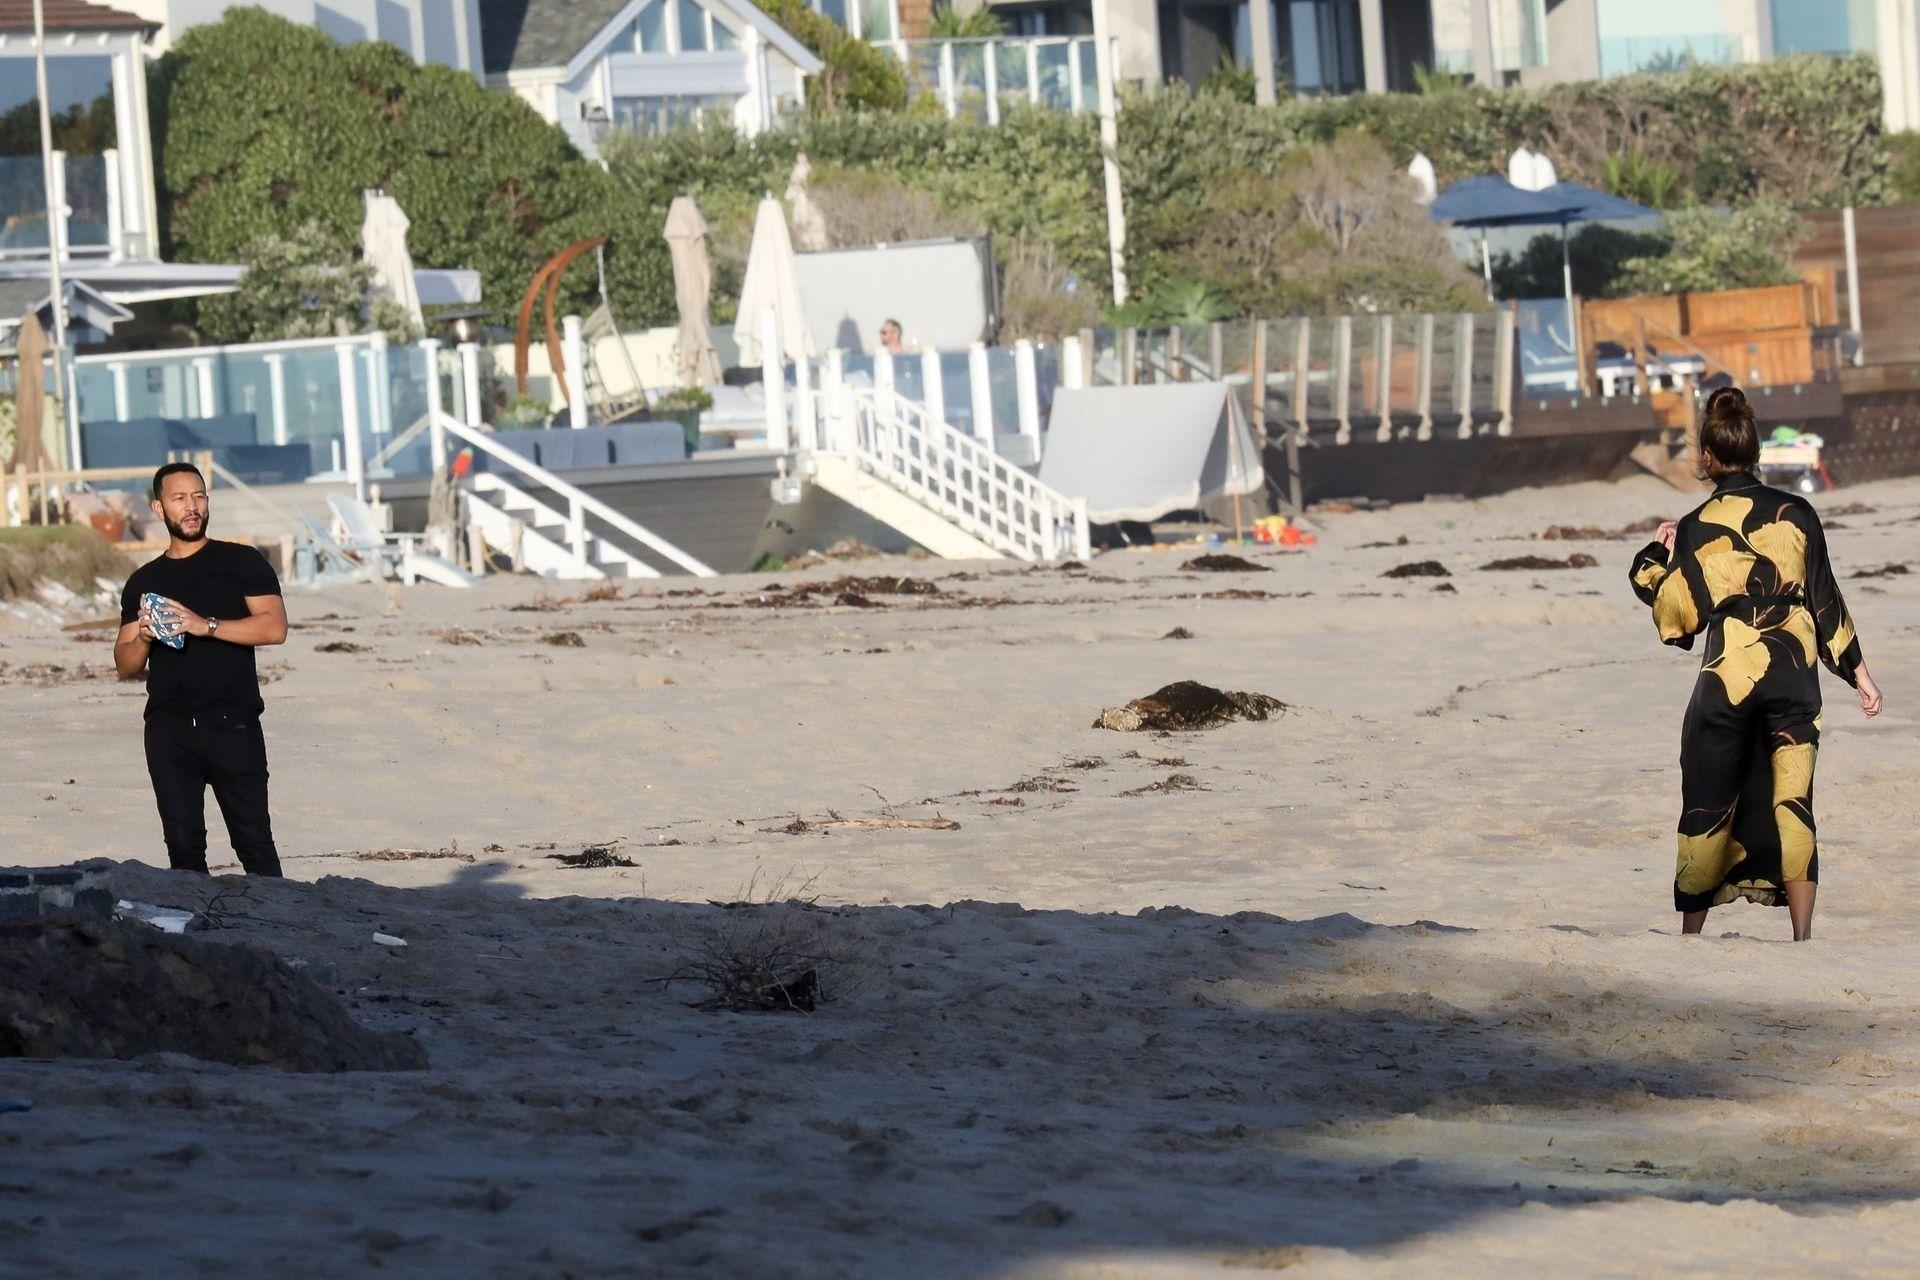 Chrissy Teigen Enjoys A Beach Day In Malibu Amid All Coronavirus Chaos 0026